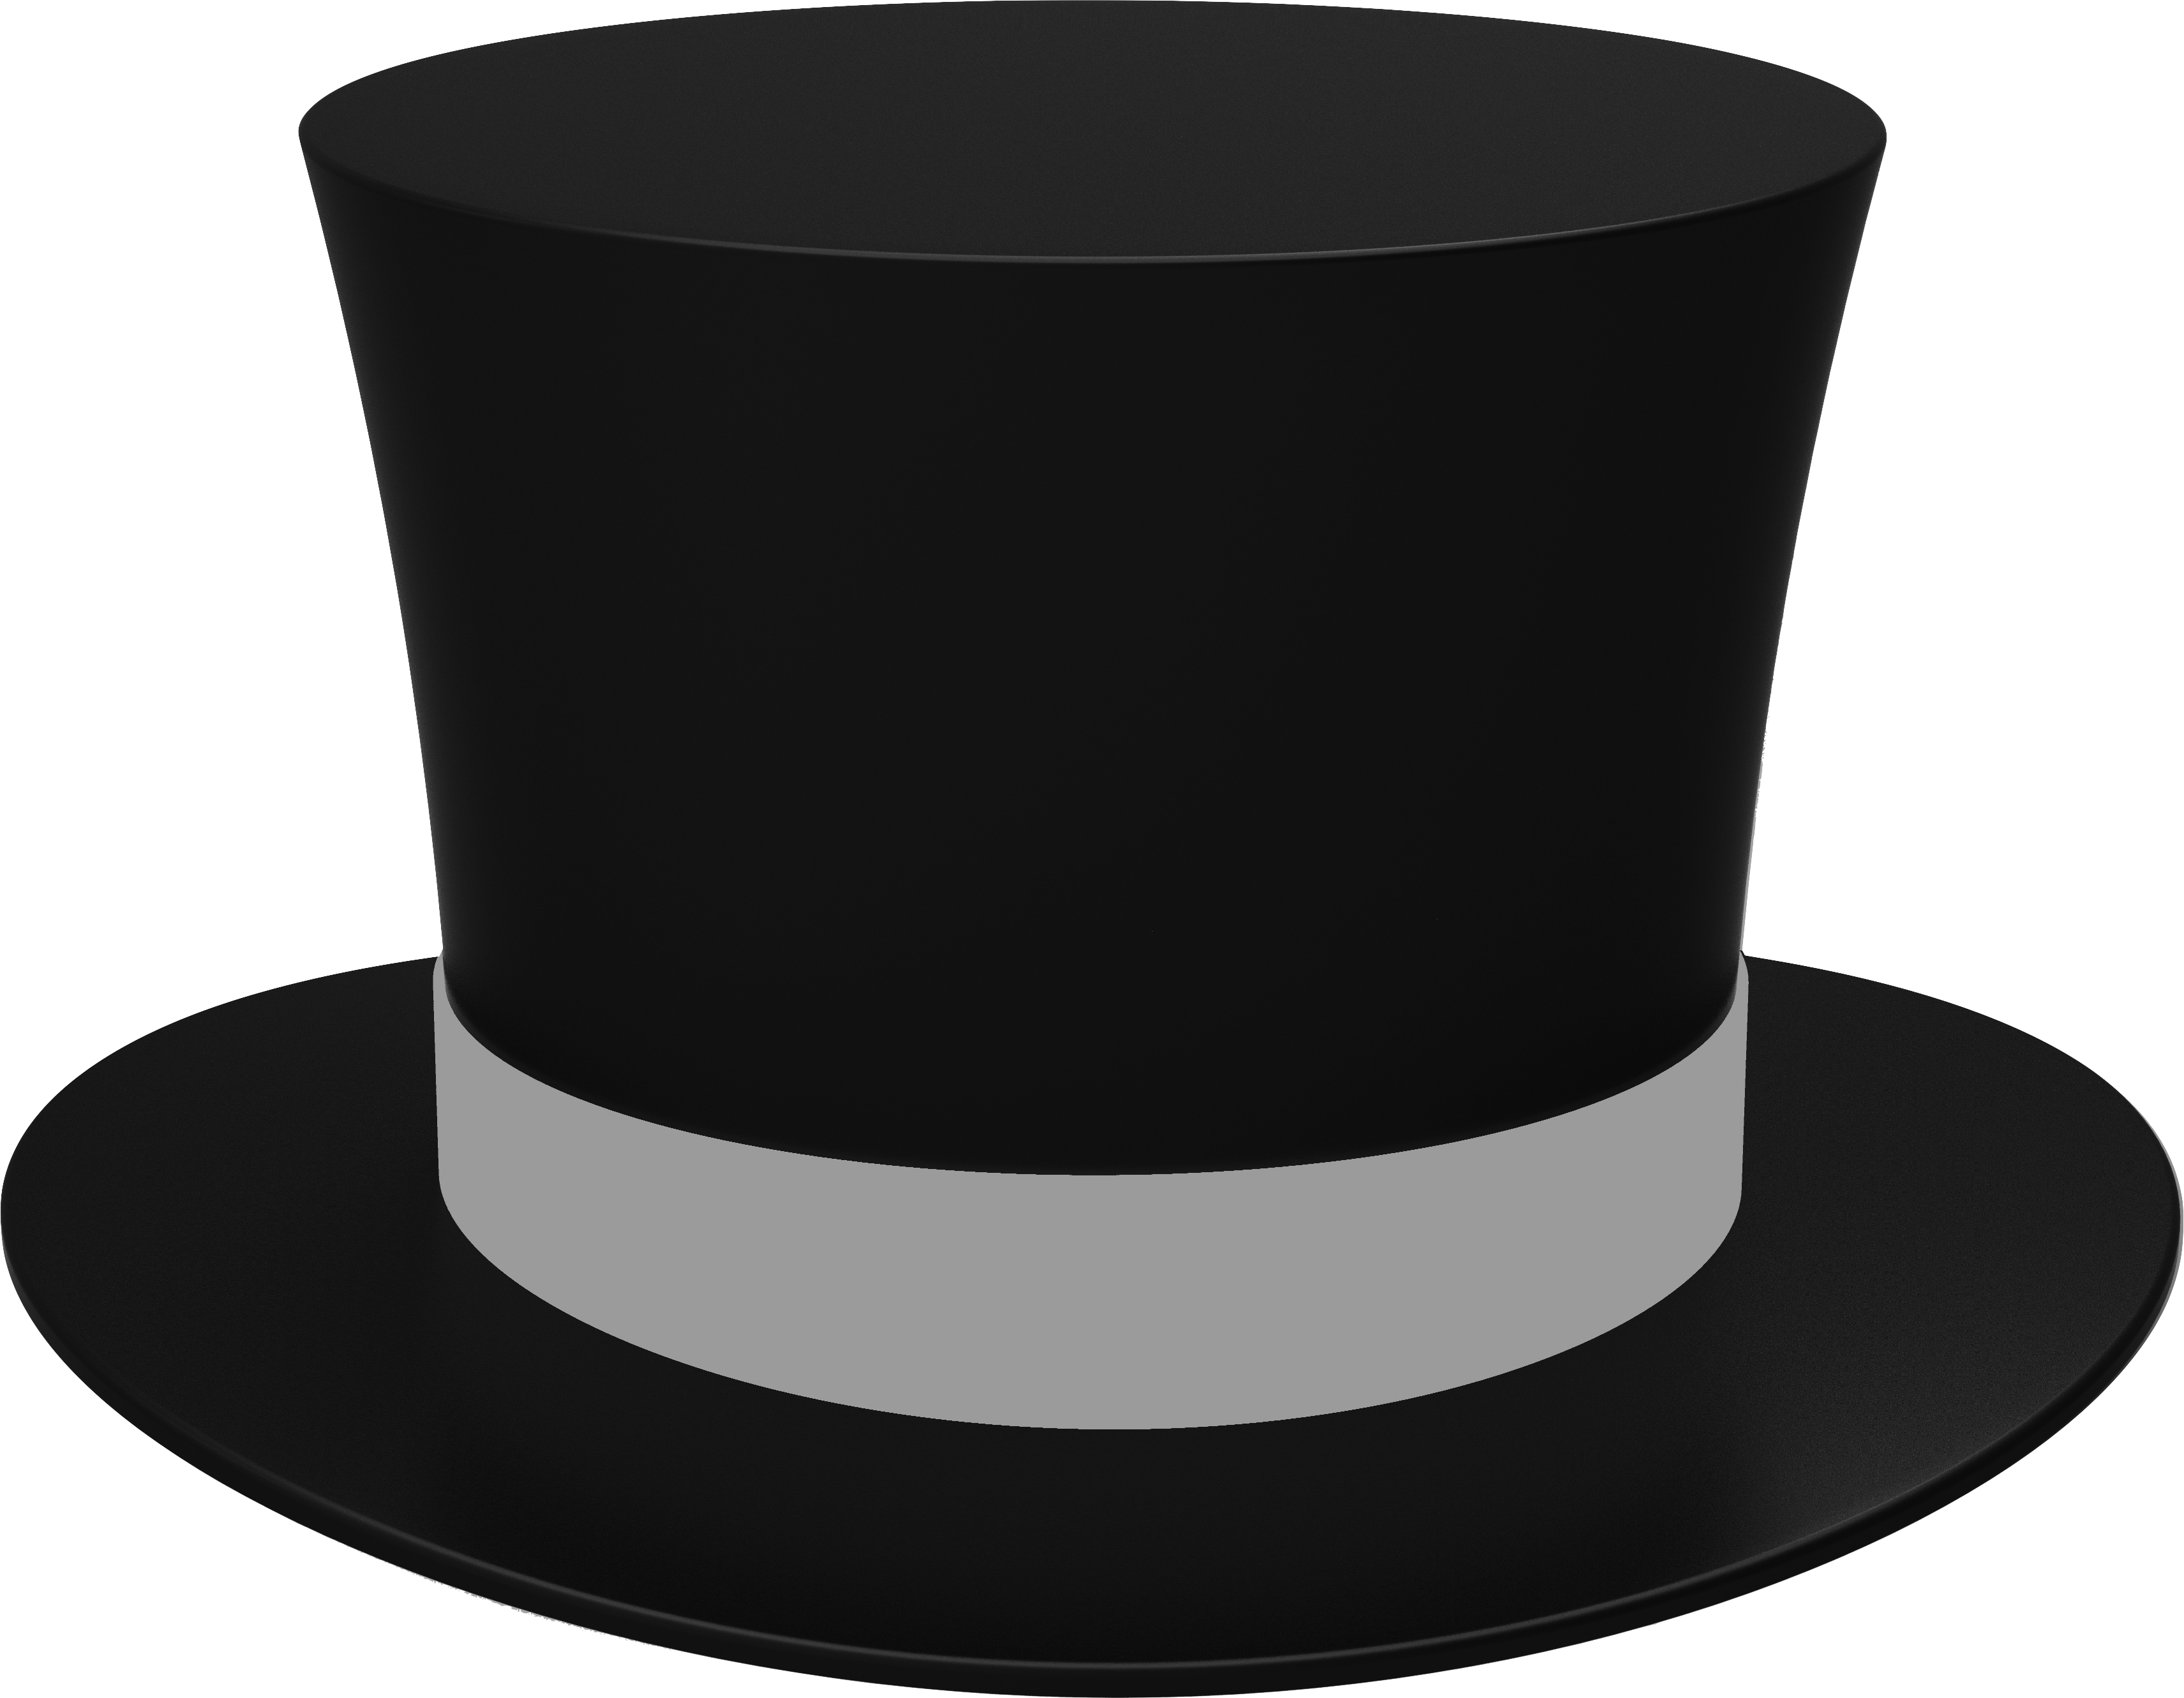 Black Cylinder Hat PNG Image - PurePNG   Free transparent ...